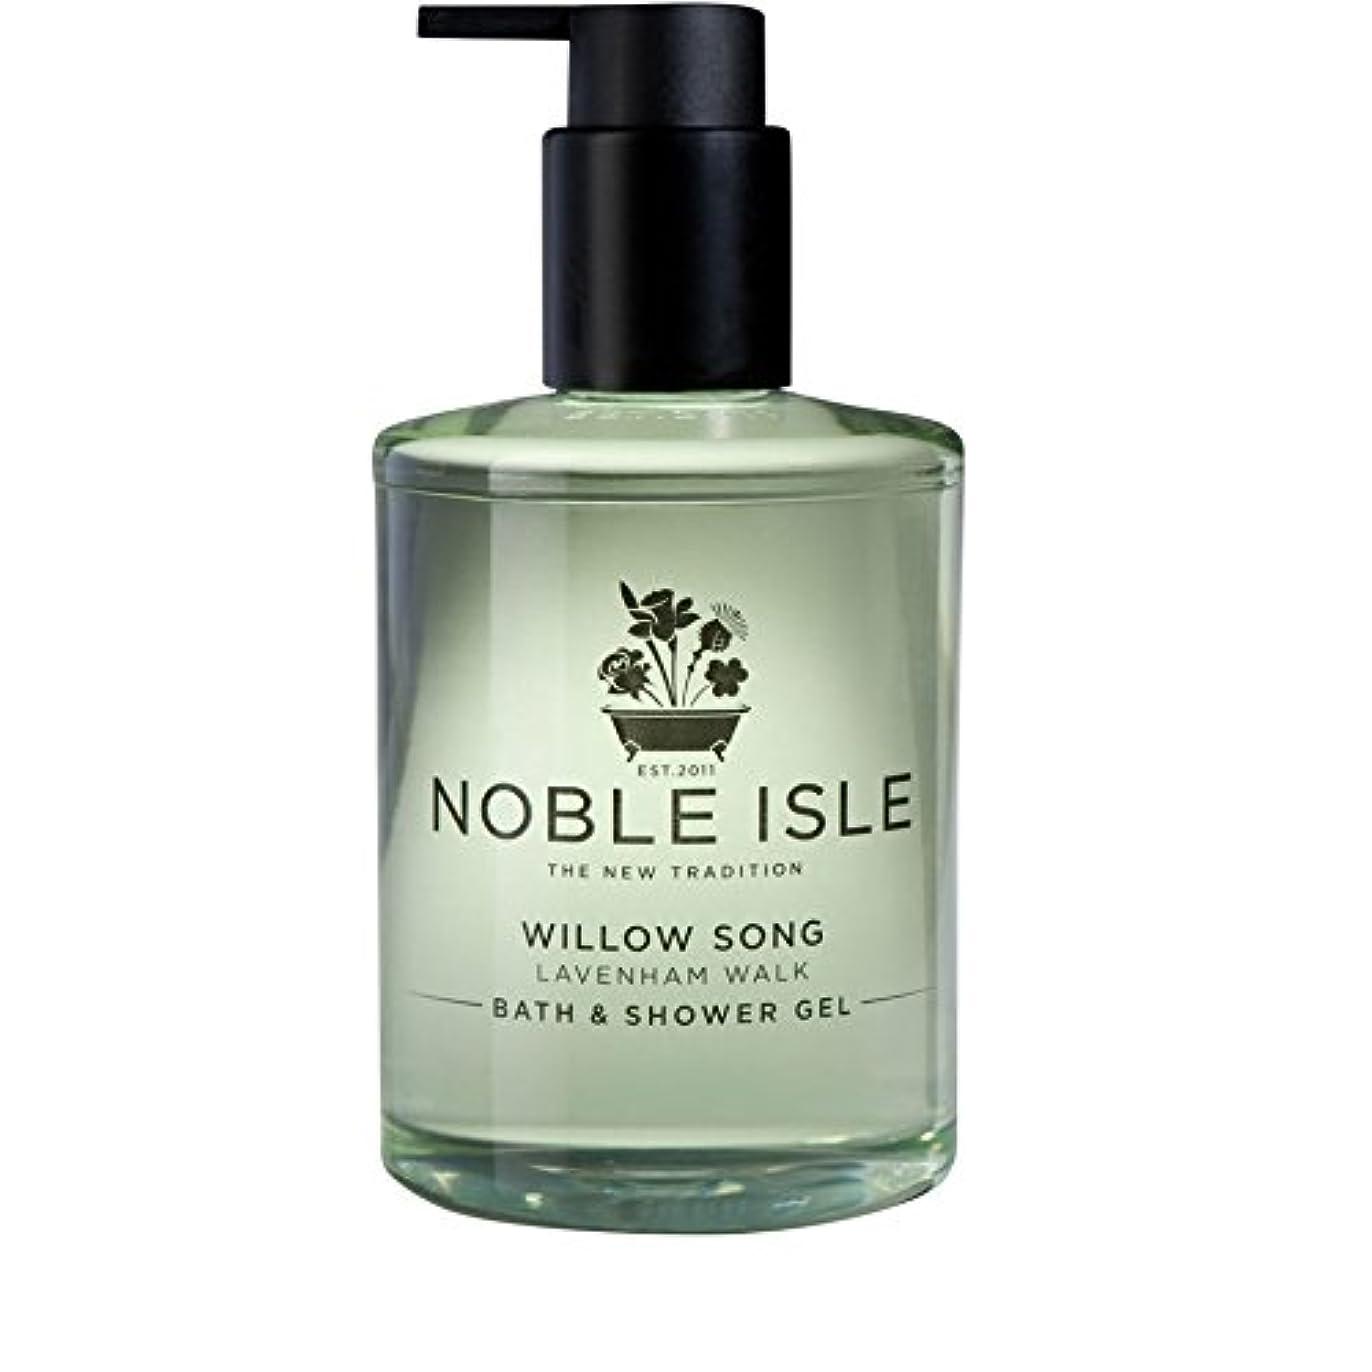 特定の引き潮磁気Noble Isle Willow Song Lavenham Walk Bath and Shower Gel 250ml (Pack of 6) - 高貴な島柳の歌ラヴァンハム徒歩風呂とシャワージェル250ミリリットル x6 [並行輸入品]